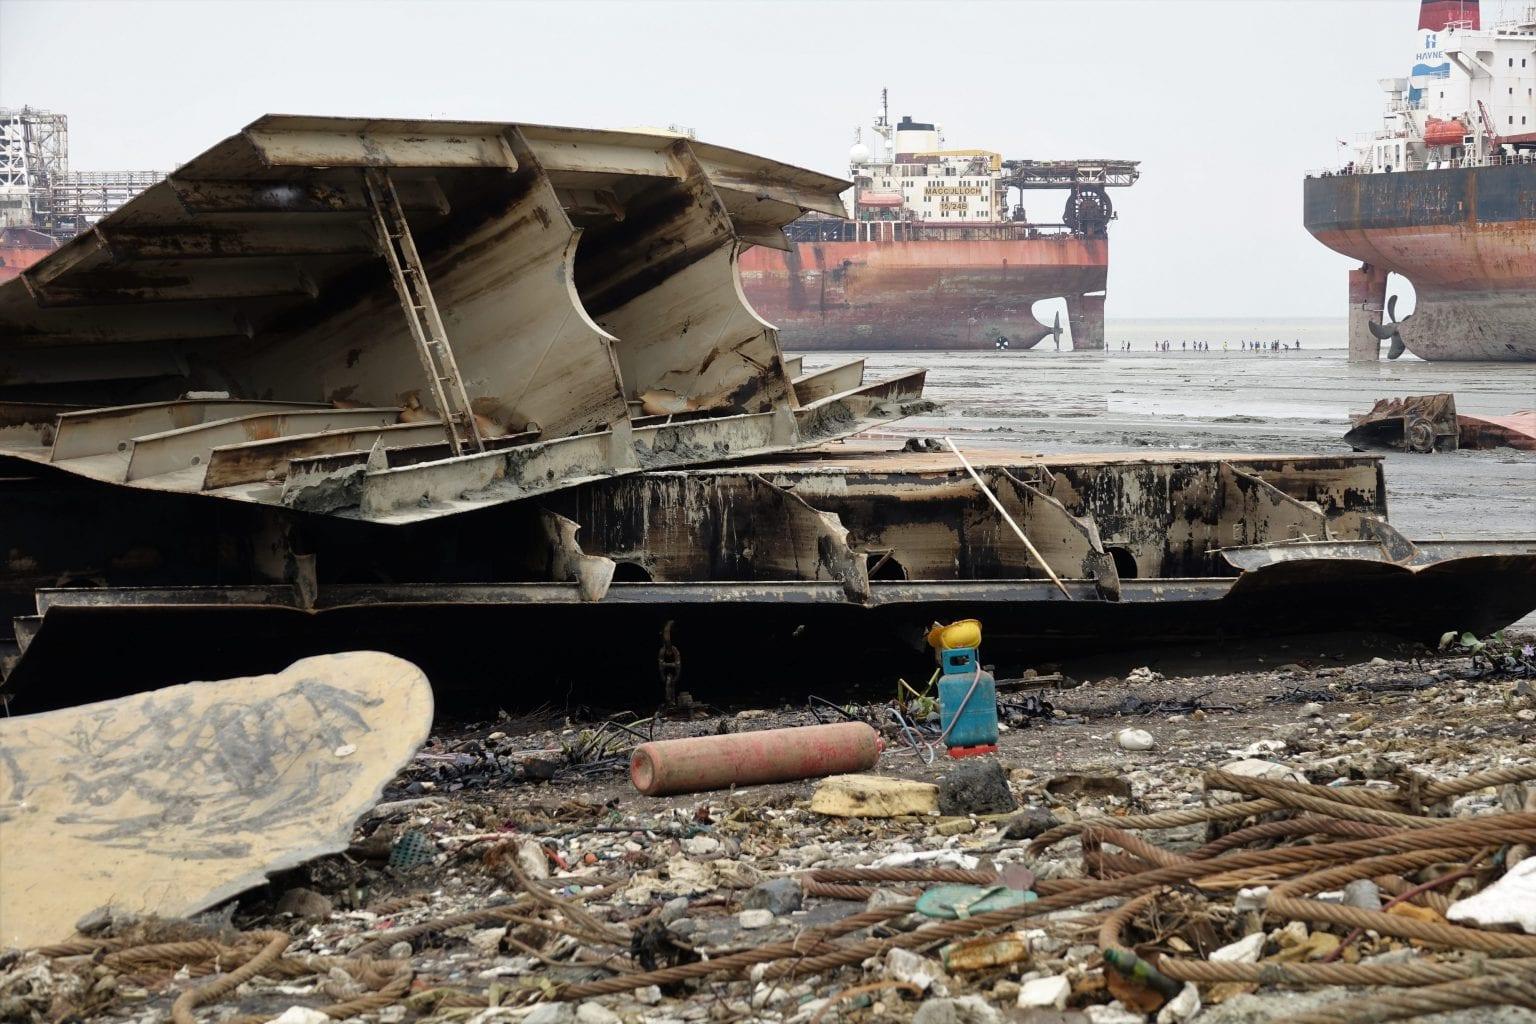 Stålplader, metalskrot og vragrester ophugges og sorteres på Janata Steel. I baggrunden ses Mærsk-skibet Producer. Foto: S. Rahman/Danwatch